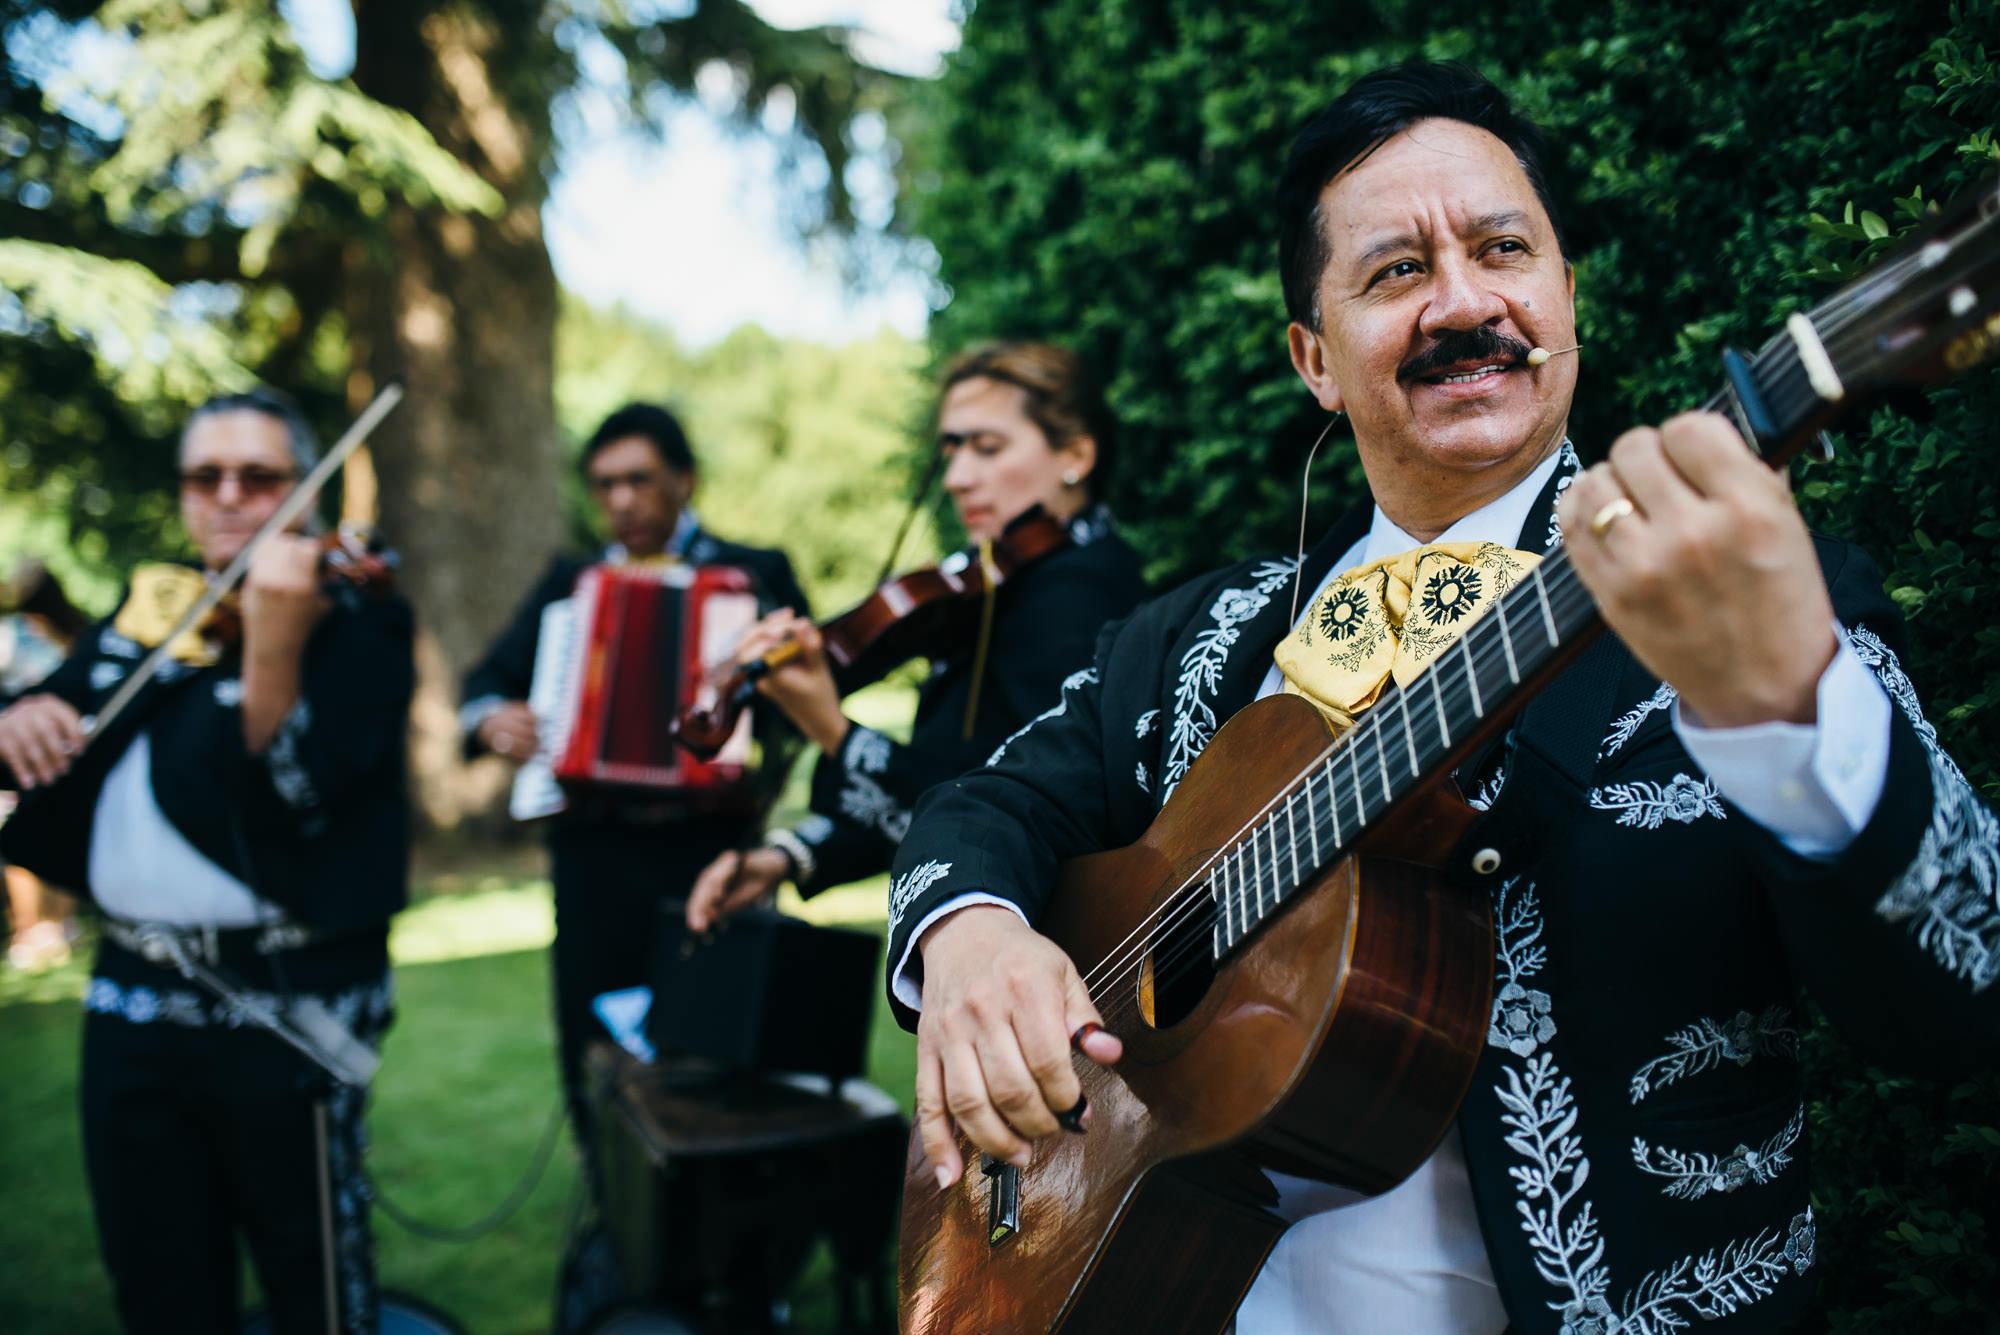 Mariachi band playing at wedding